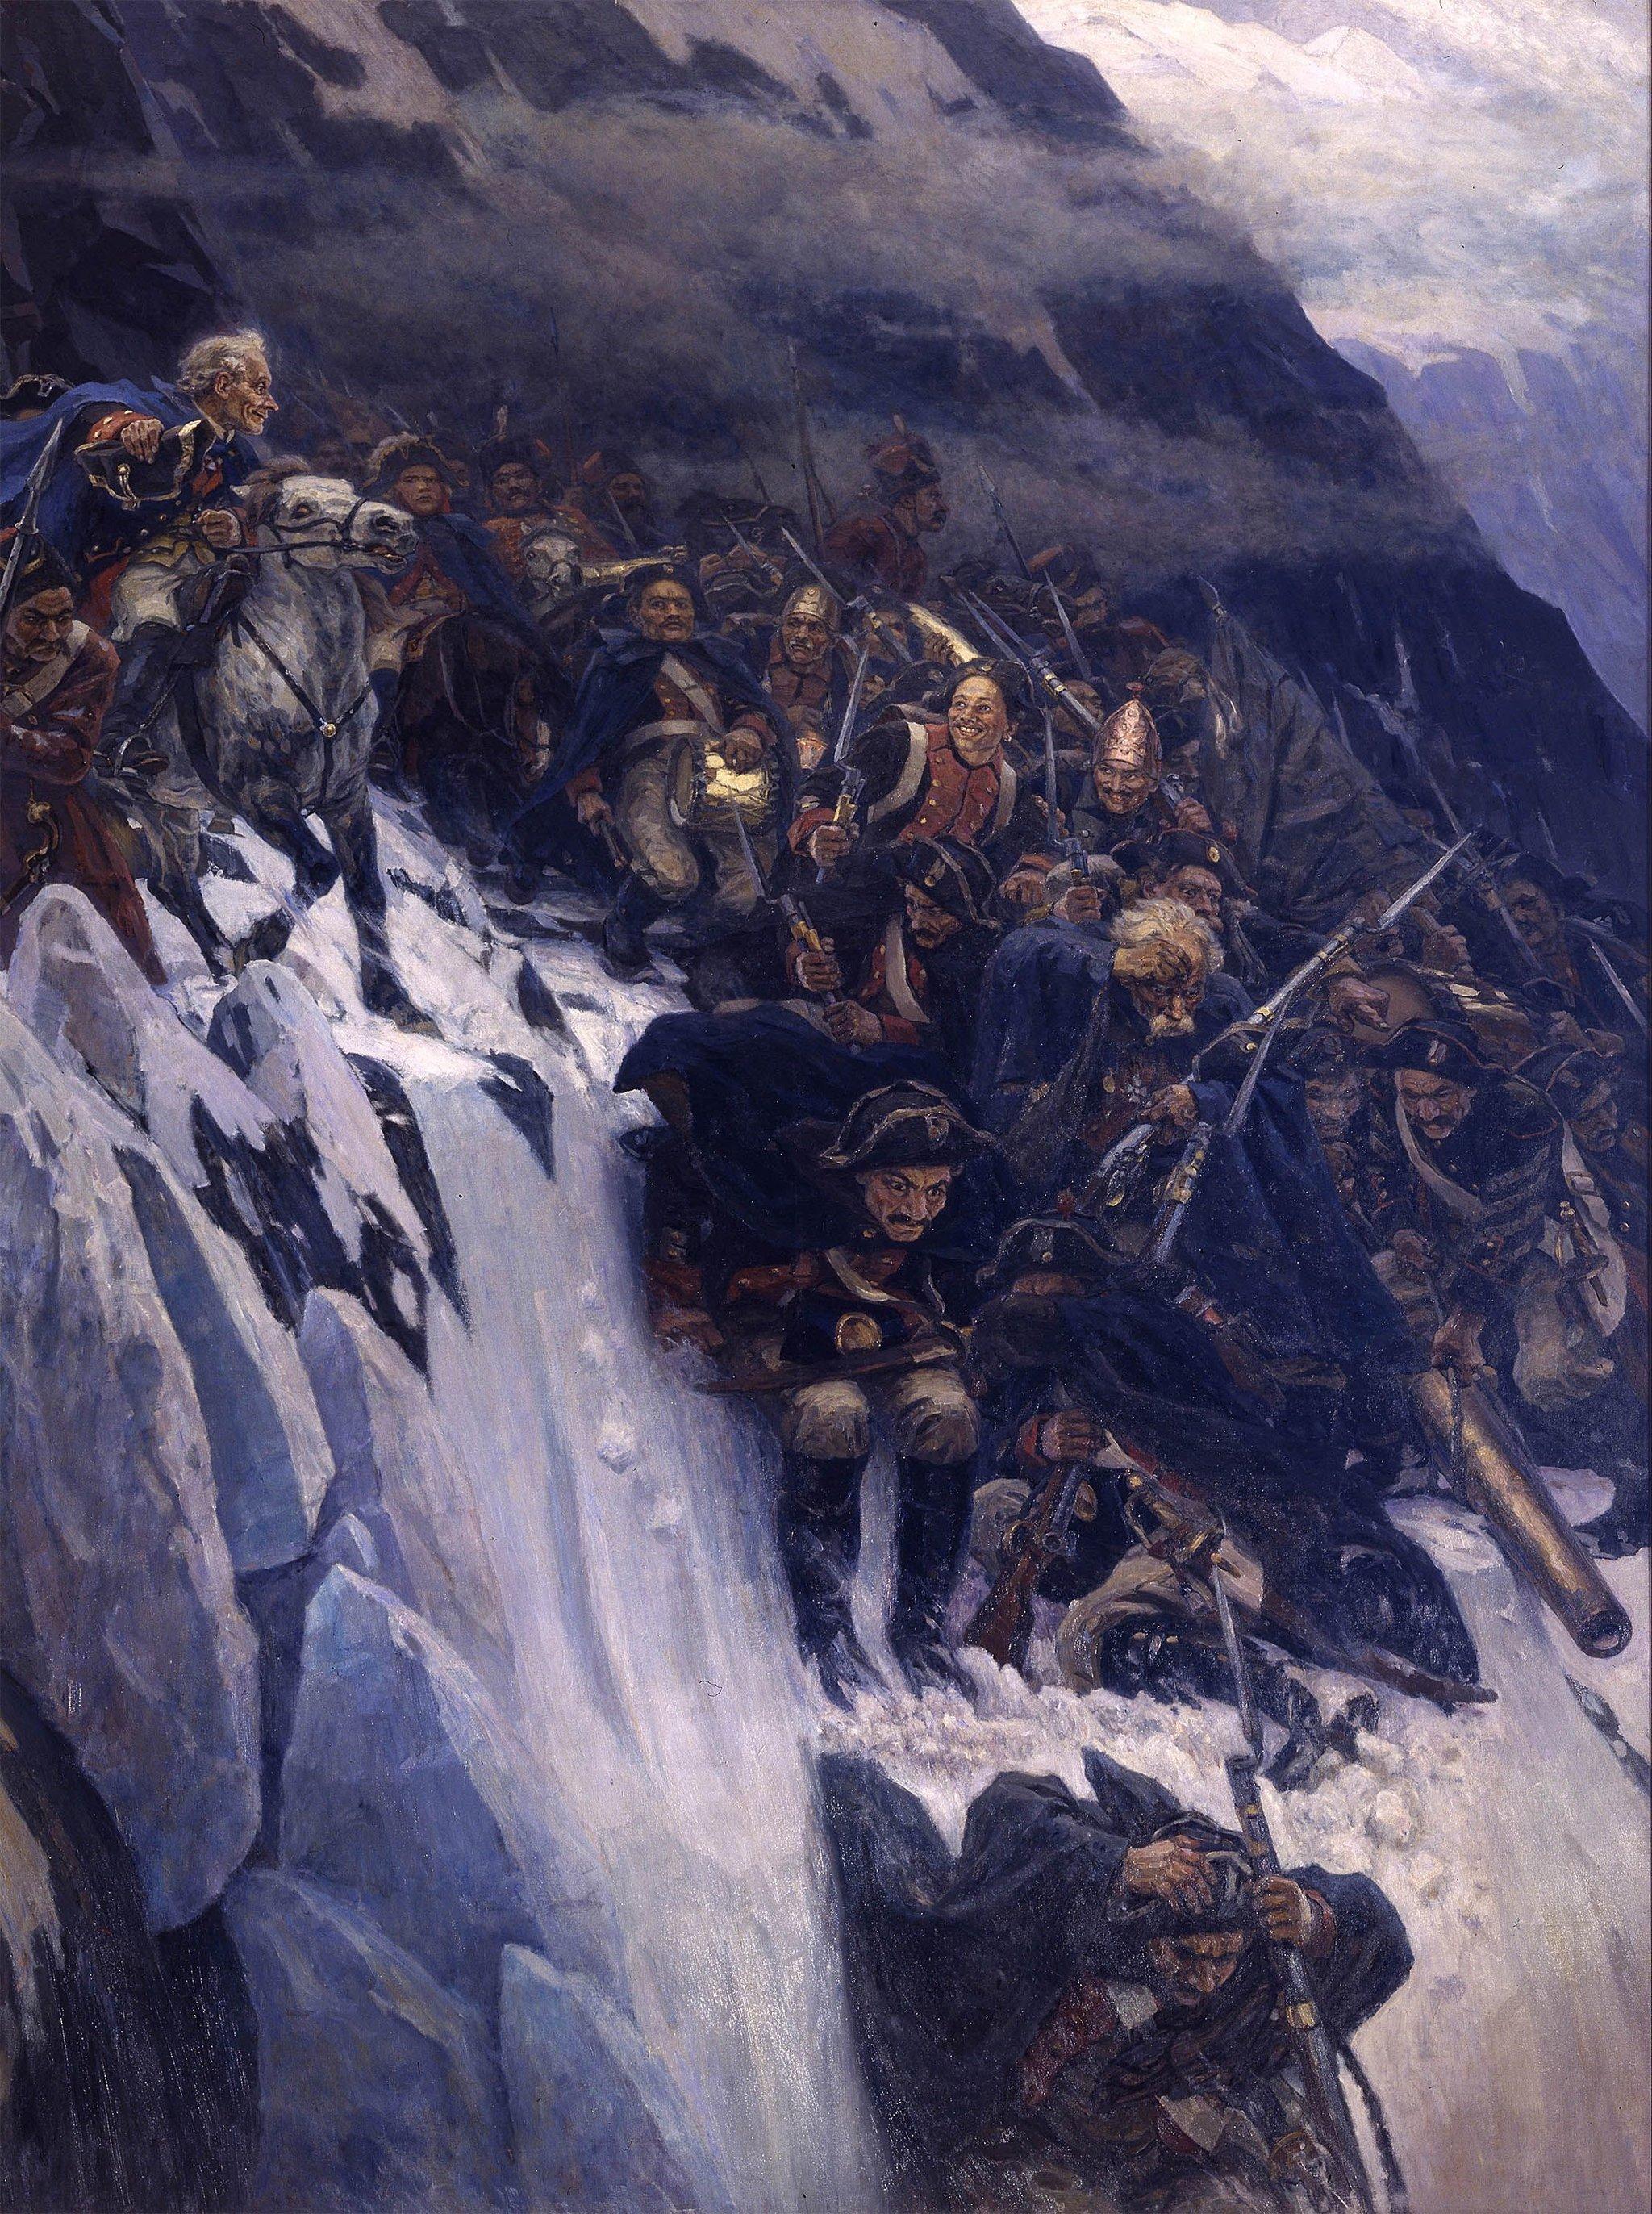 Василий Суриков. Переход Суворова через Альпы в 1799 году. 1899